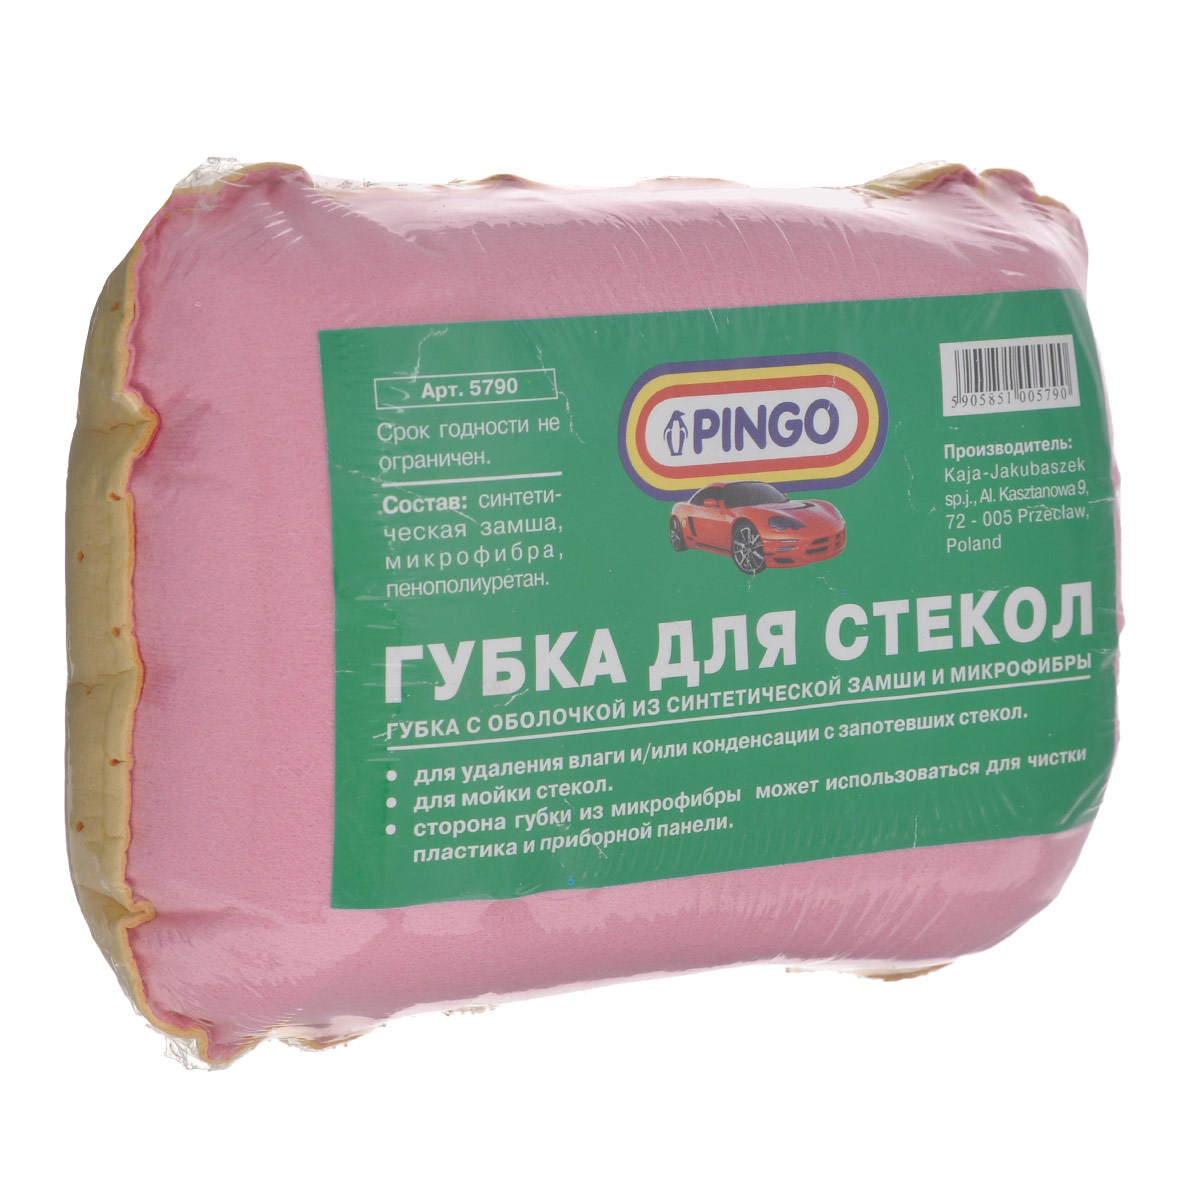 Губка для стекол Pingo, цвет: розовый, желтый5790_розовый, желтыйГубка для стекол Pingo изготовлена из пенополиуретана с оболочкой из синтетической замши и микрофибры. Губка предназначена для удаления влаги или конденсации с запотевших стекол, для мойки стекол. Сторона губки из микрофибры может использоваться для чистки пластика и приборной панели.